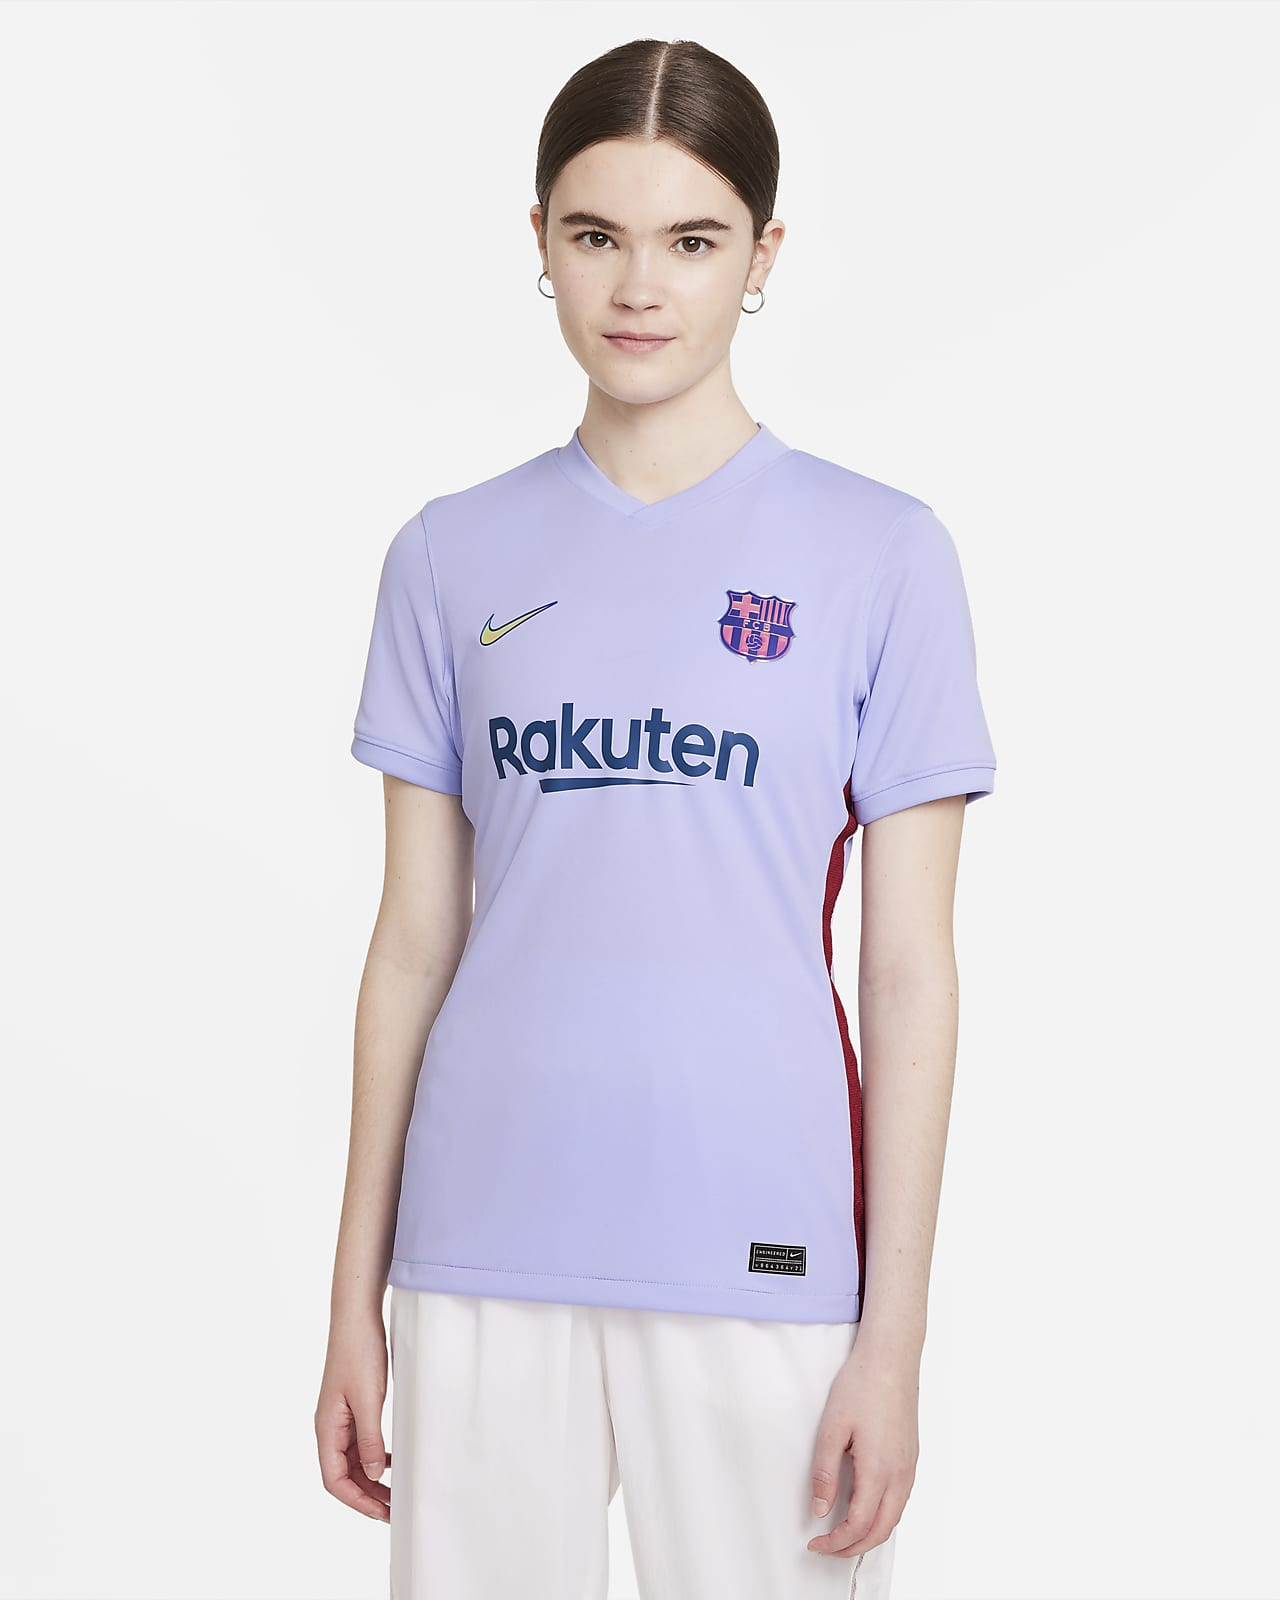 Maglia da calcio Nike Dri-FIT F.C. Barcelona 2021/22 Stadium da donna - Away